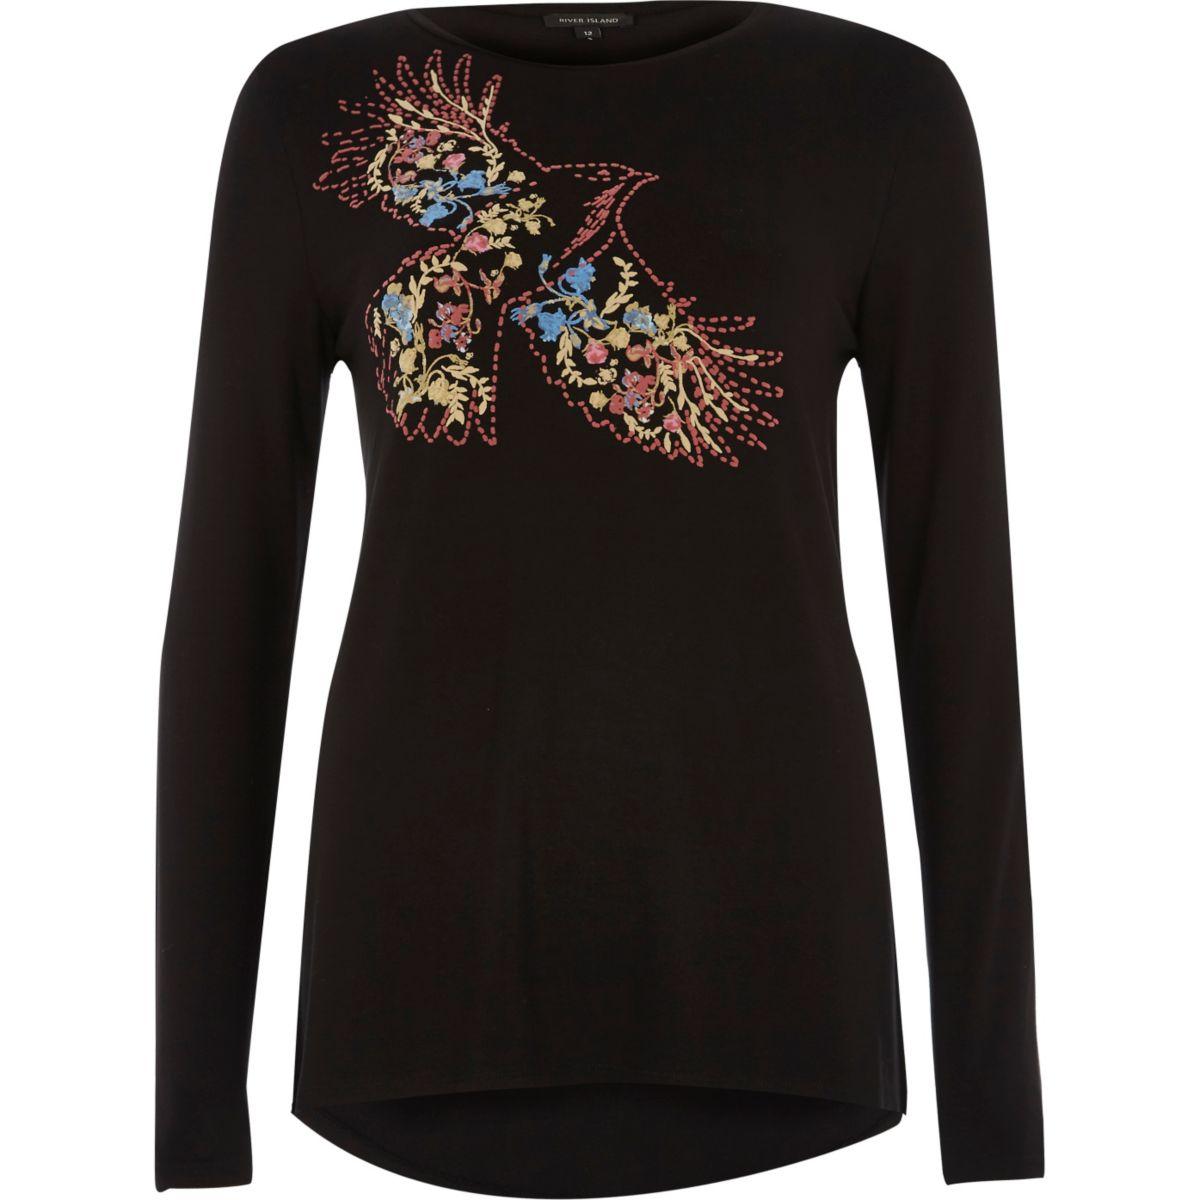 Schwarzes, langärmliges T-Shirt mit Vogelmuster